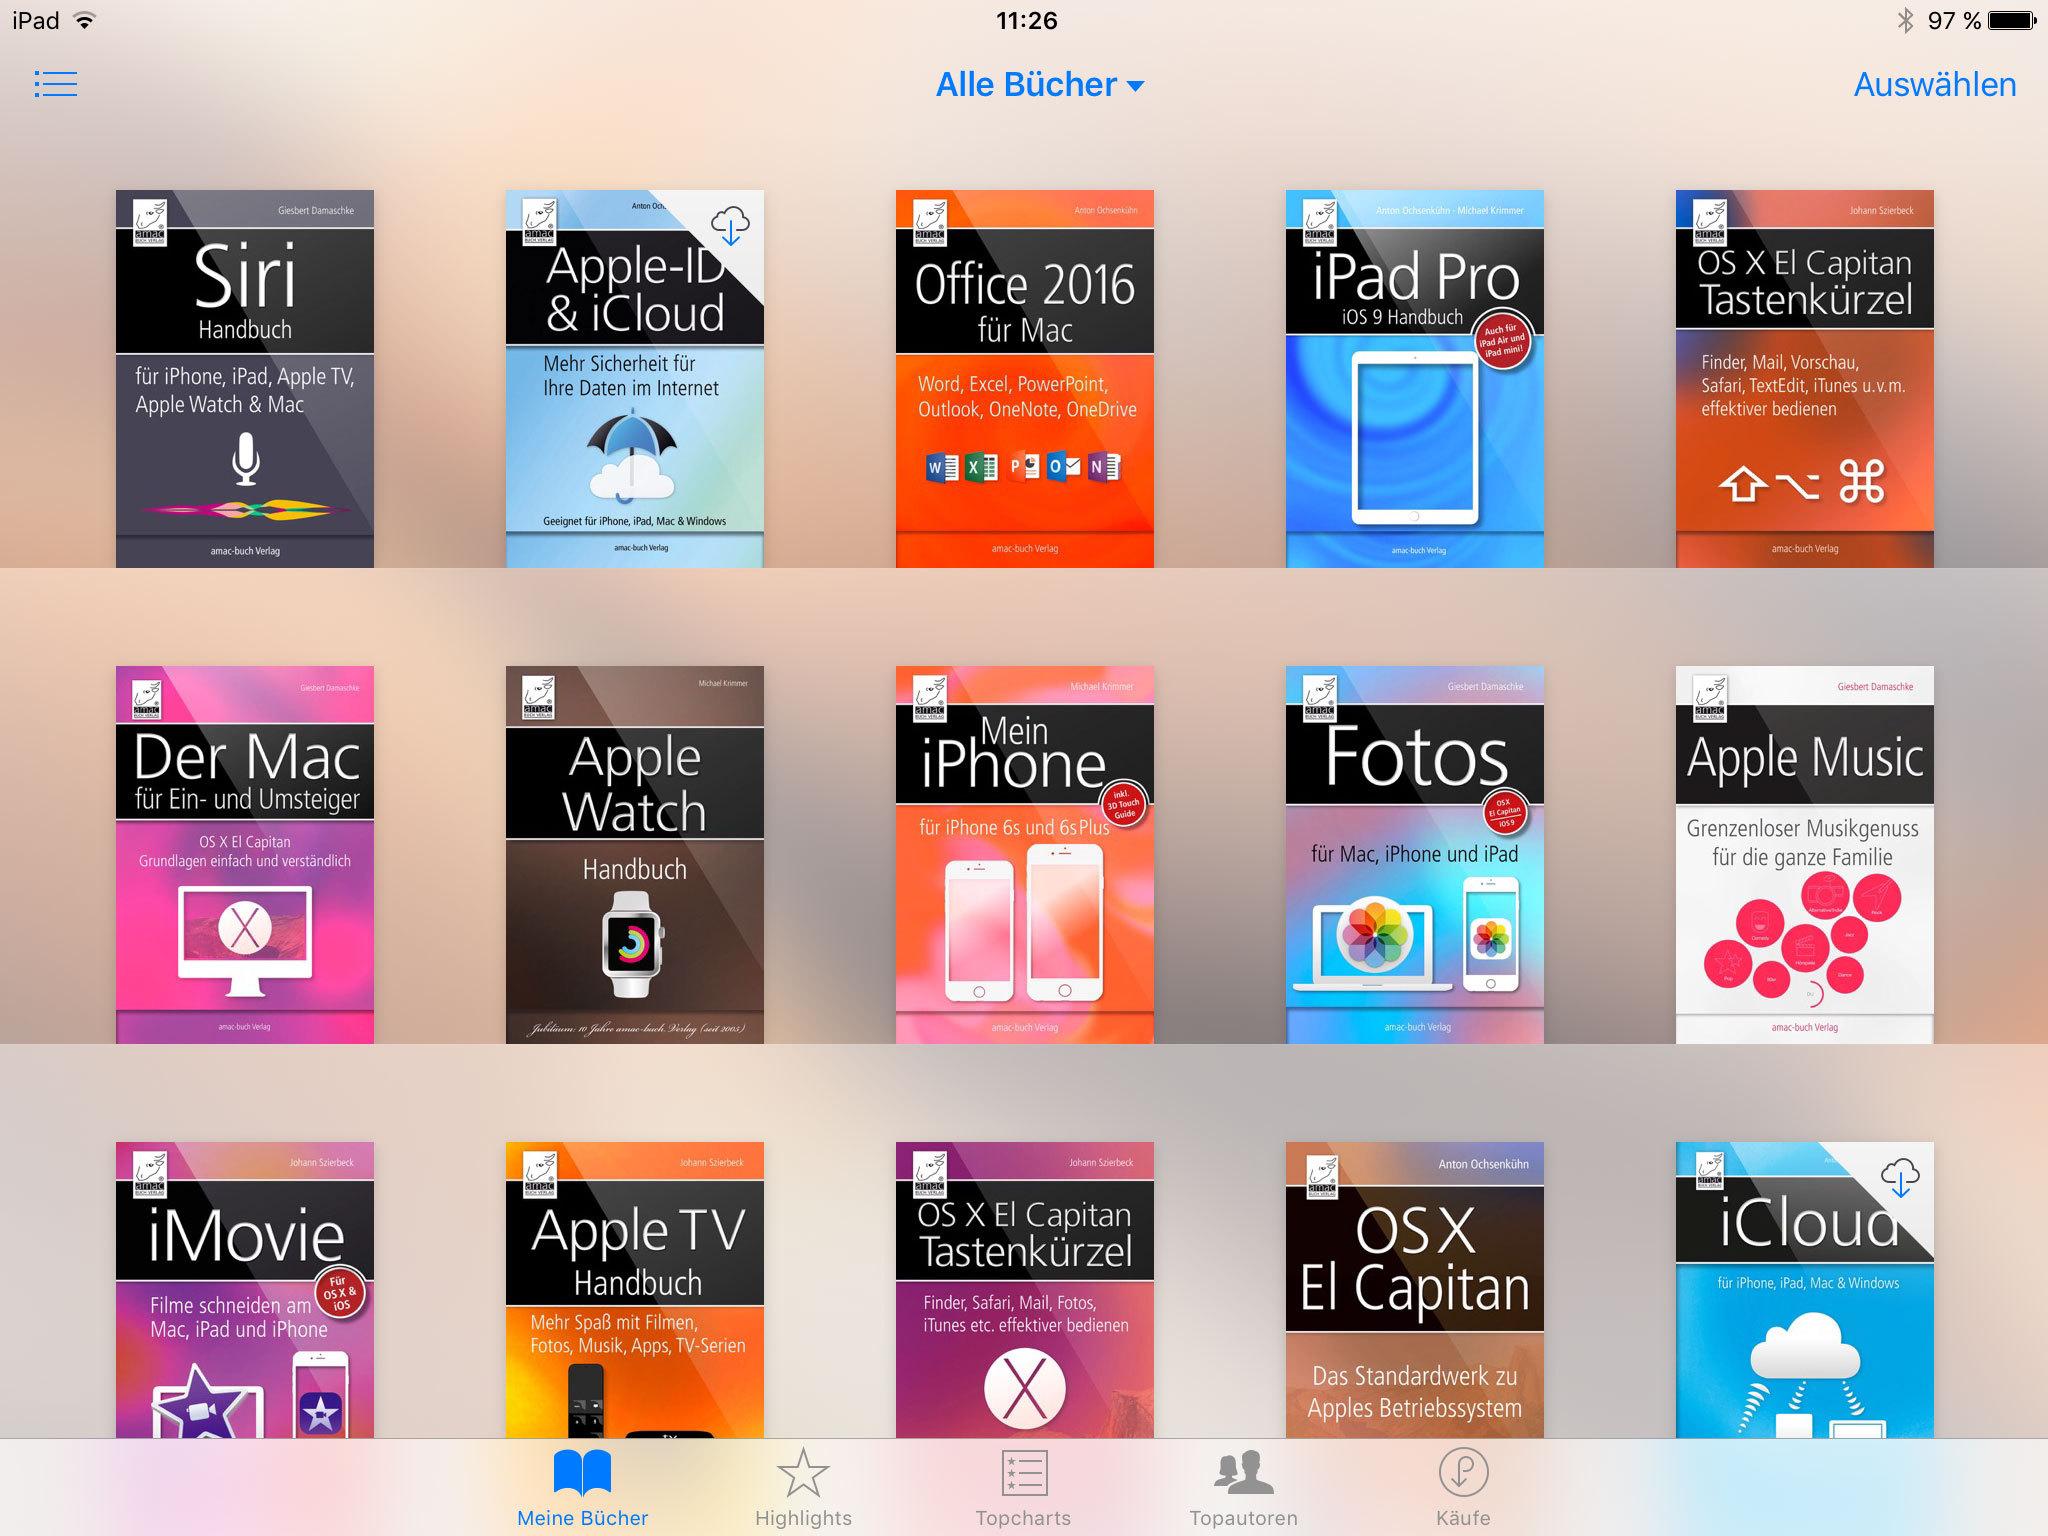 E-Book ist in iBooks aufgelistet